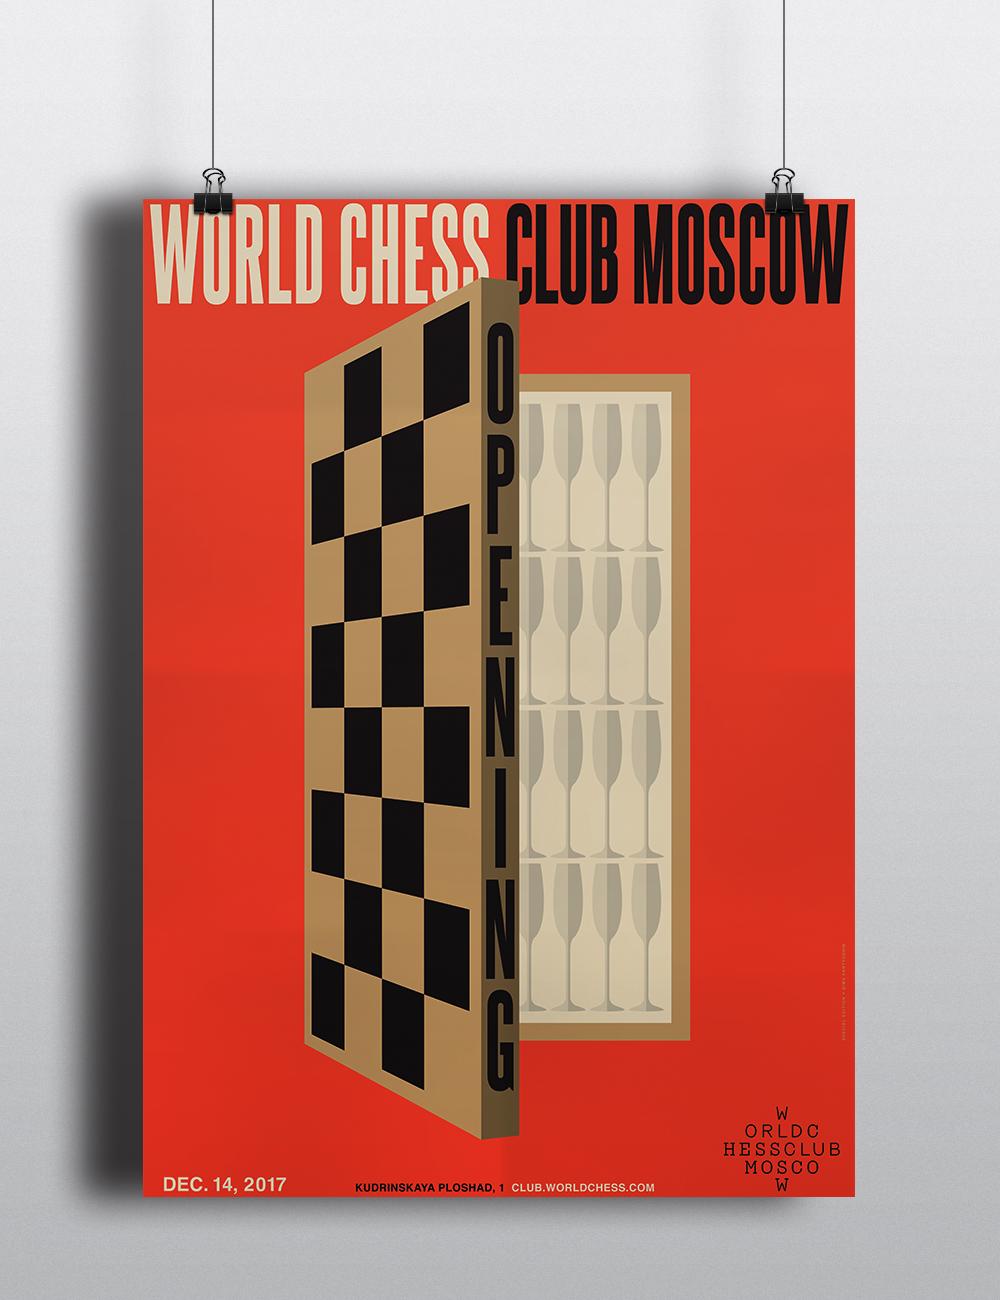 Шахматы становятся модными - Организаторы чемпионата мира по шахматам придумали объединить бар и шахматы и предложить модным жителям столицы добавить в список своих привычных точек еще одну, где можно выпить, одновременно становясь умнее. Задача - сделать World Chess Club Moscow событием в рамках жизни города и даже мира.